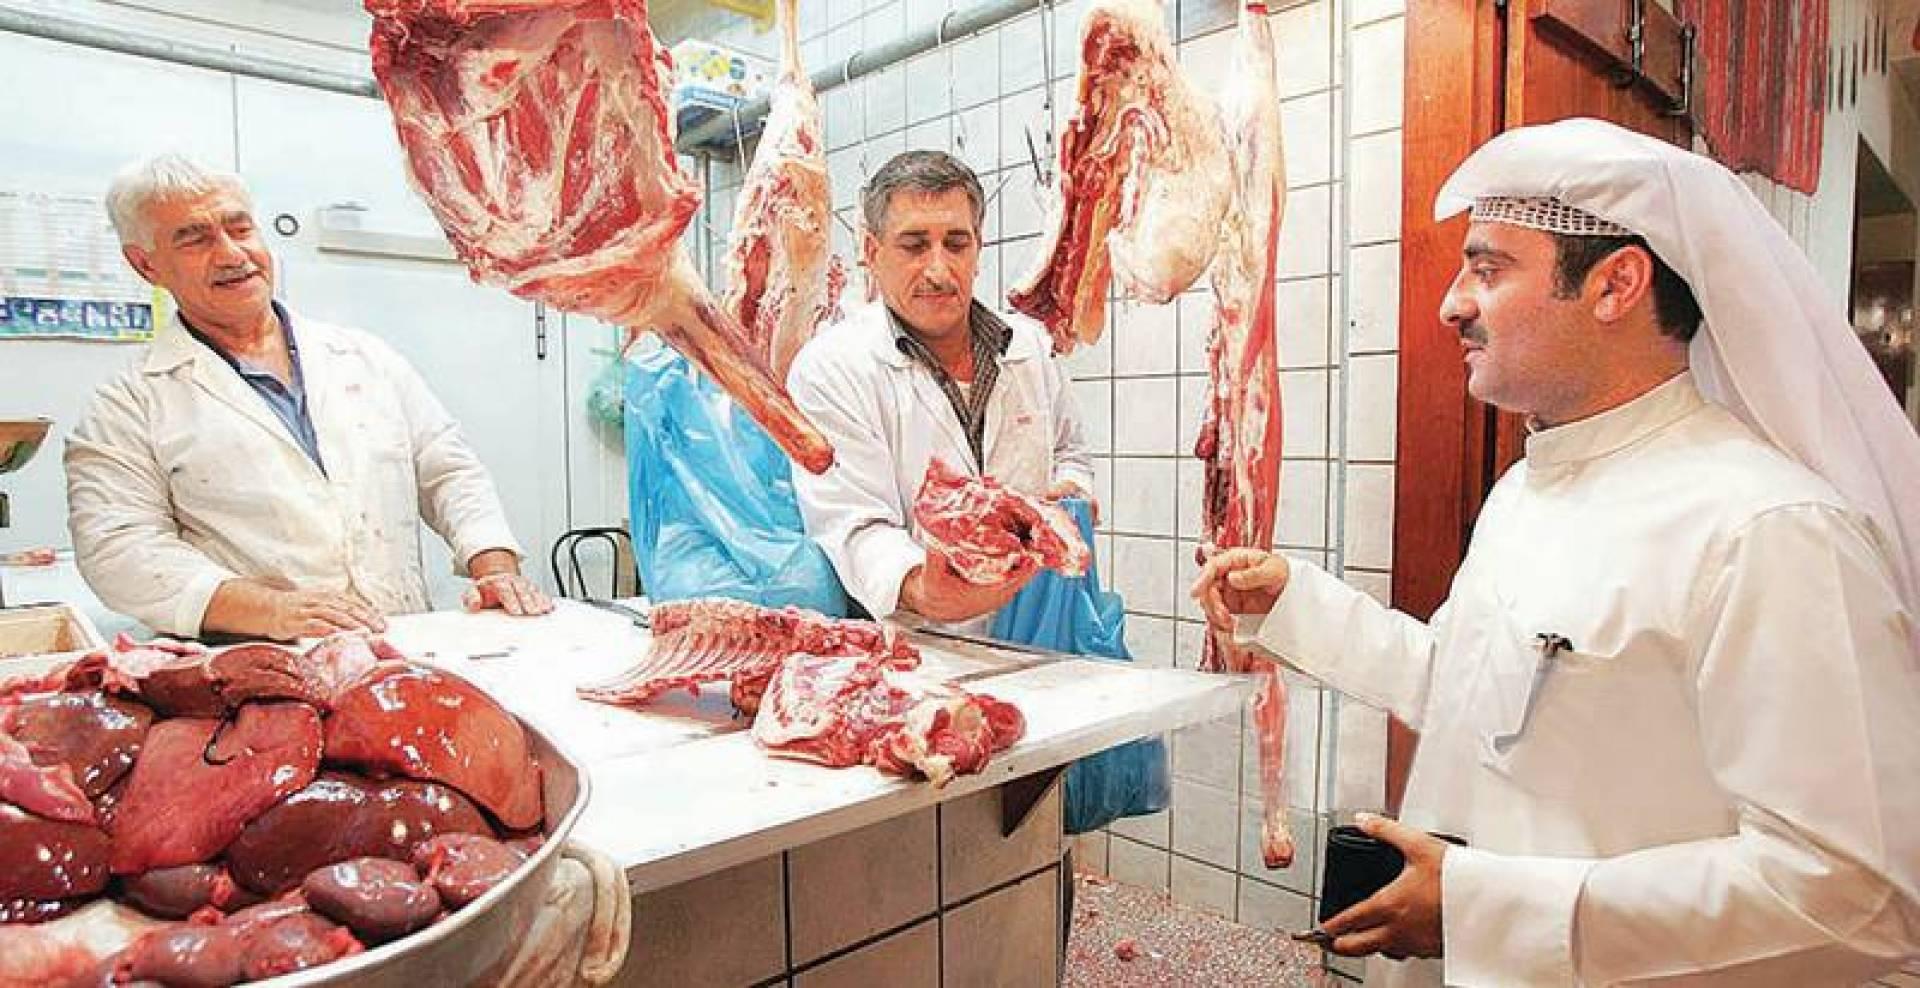 استهلاك اللحوم يتزايد